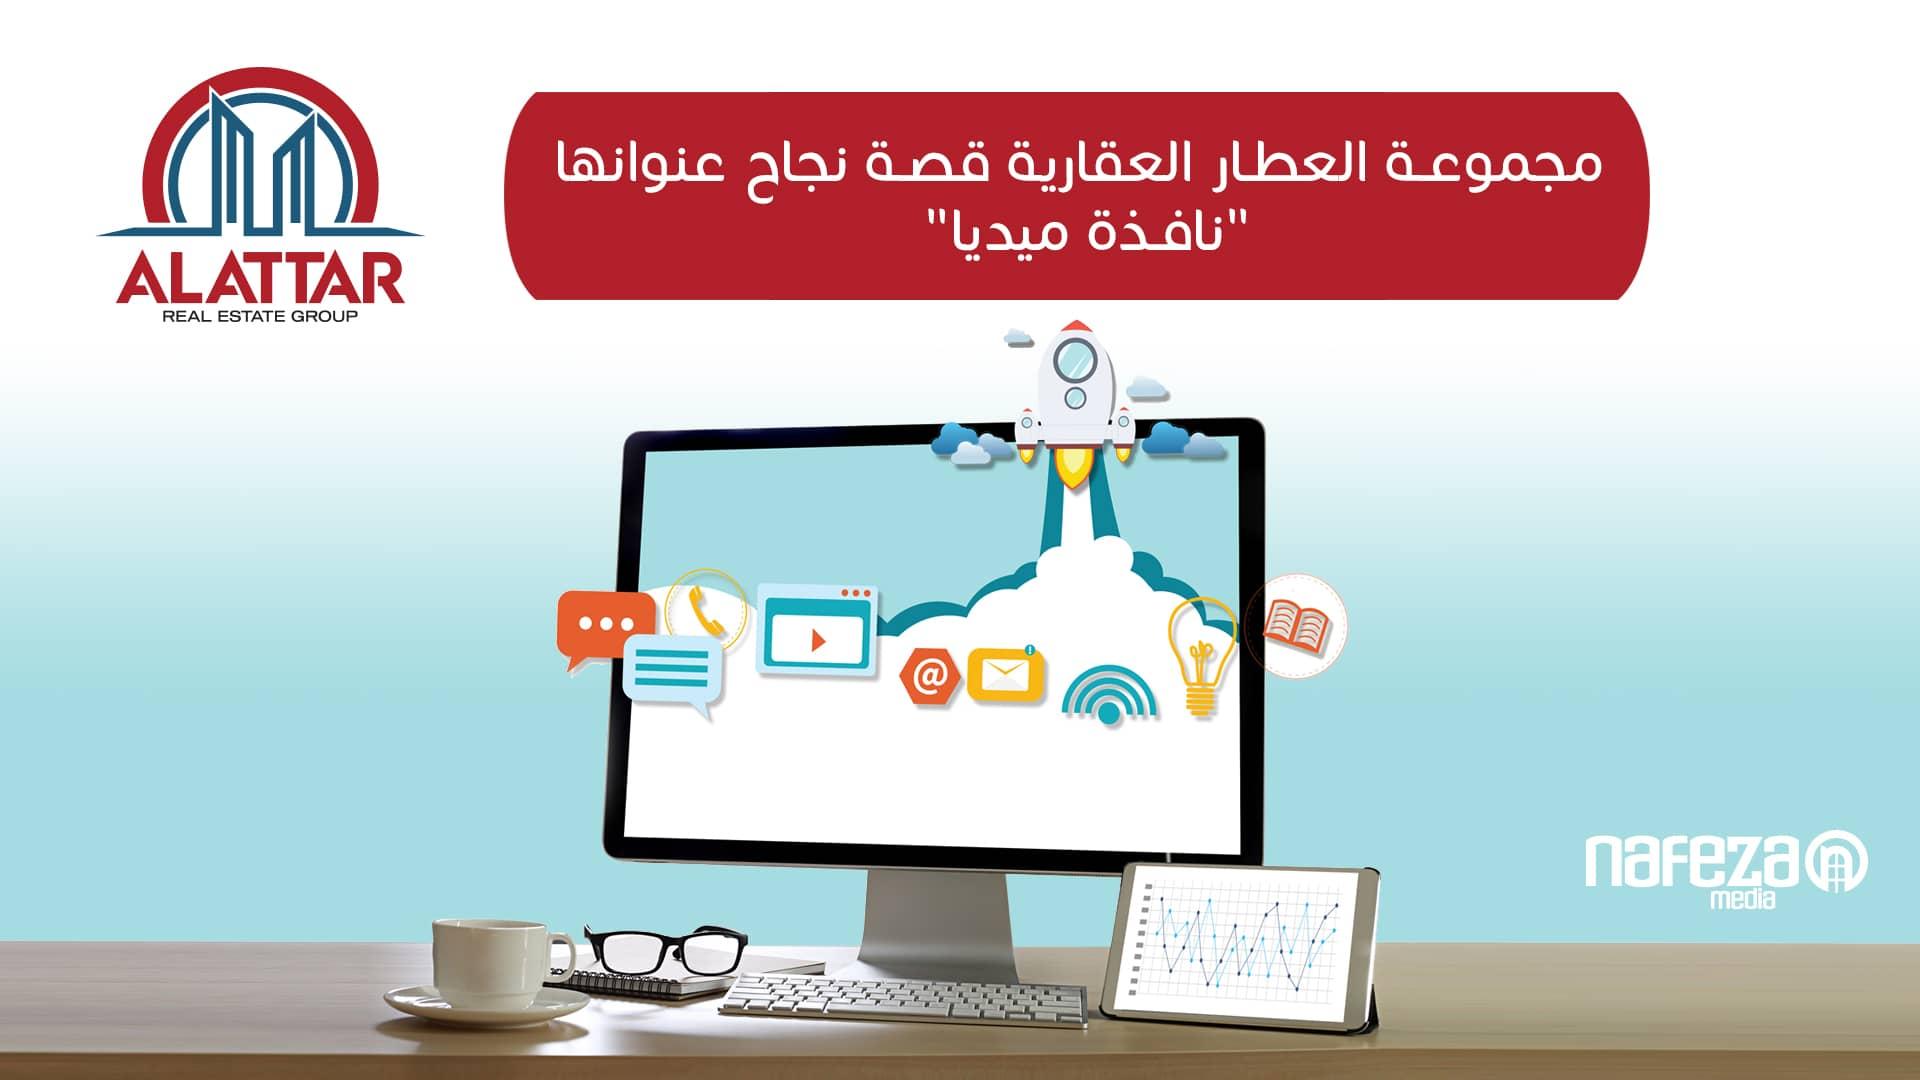 مجموعة العطار العقارية نافذة ميديا التسويق الإلكتروني التسويق الرقمي مواقع التواصل الاجتماعي